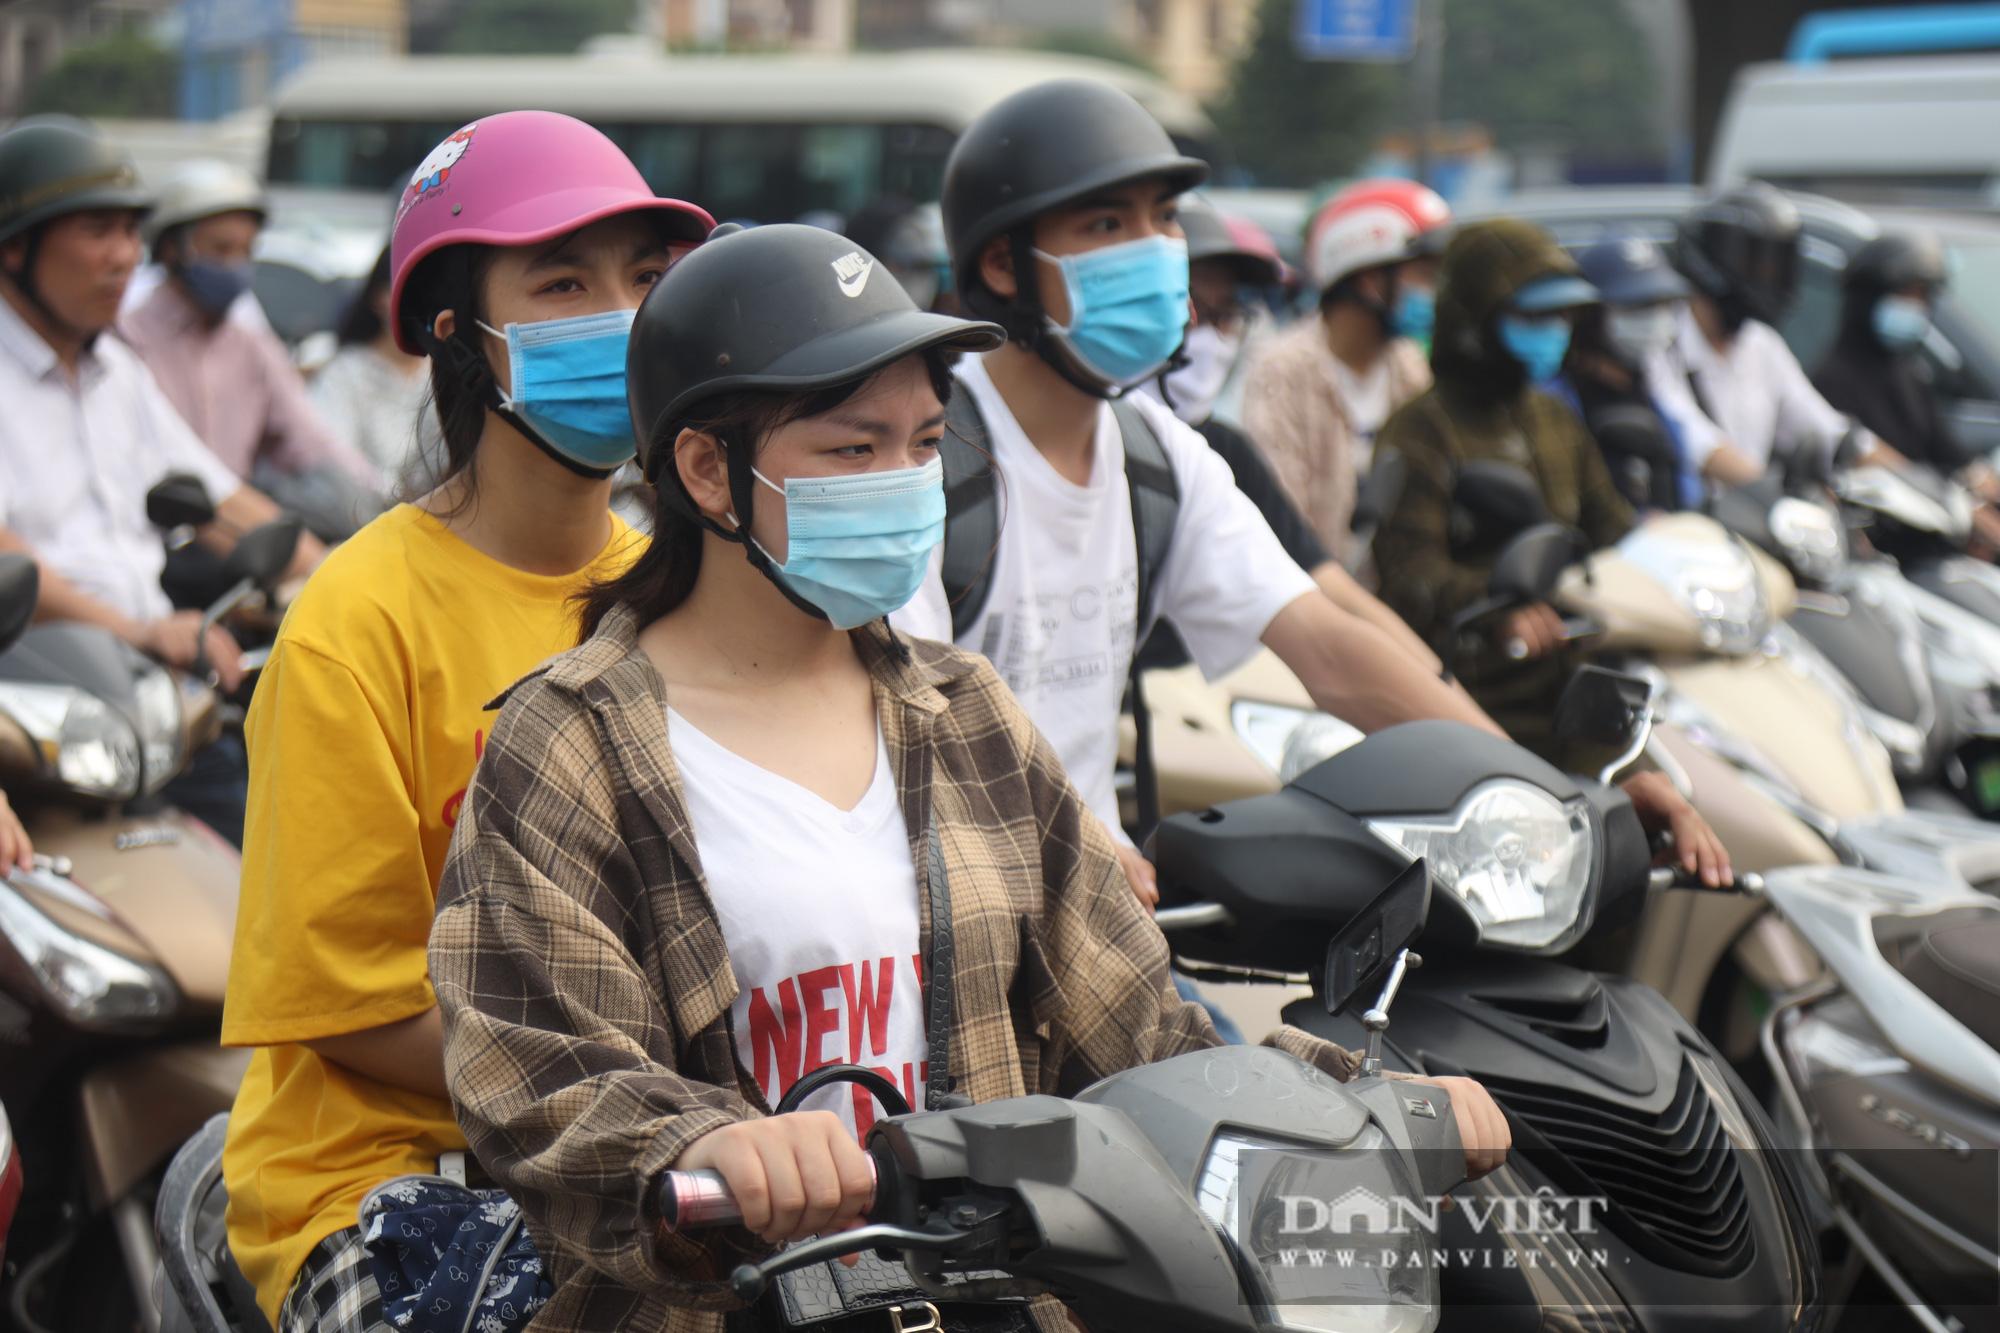 Cập nhật tình hình giao thông tại các cửa ngõ vào nội thành Hà Nội sau nghỉ lễ 2/9 - Ảnh 6.